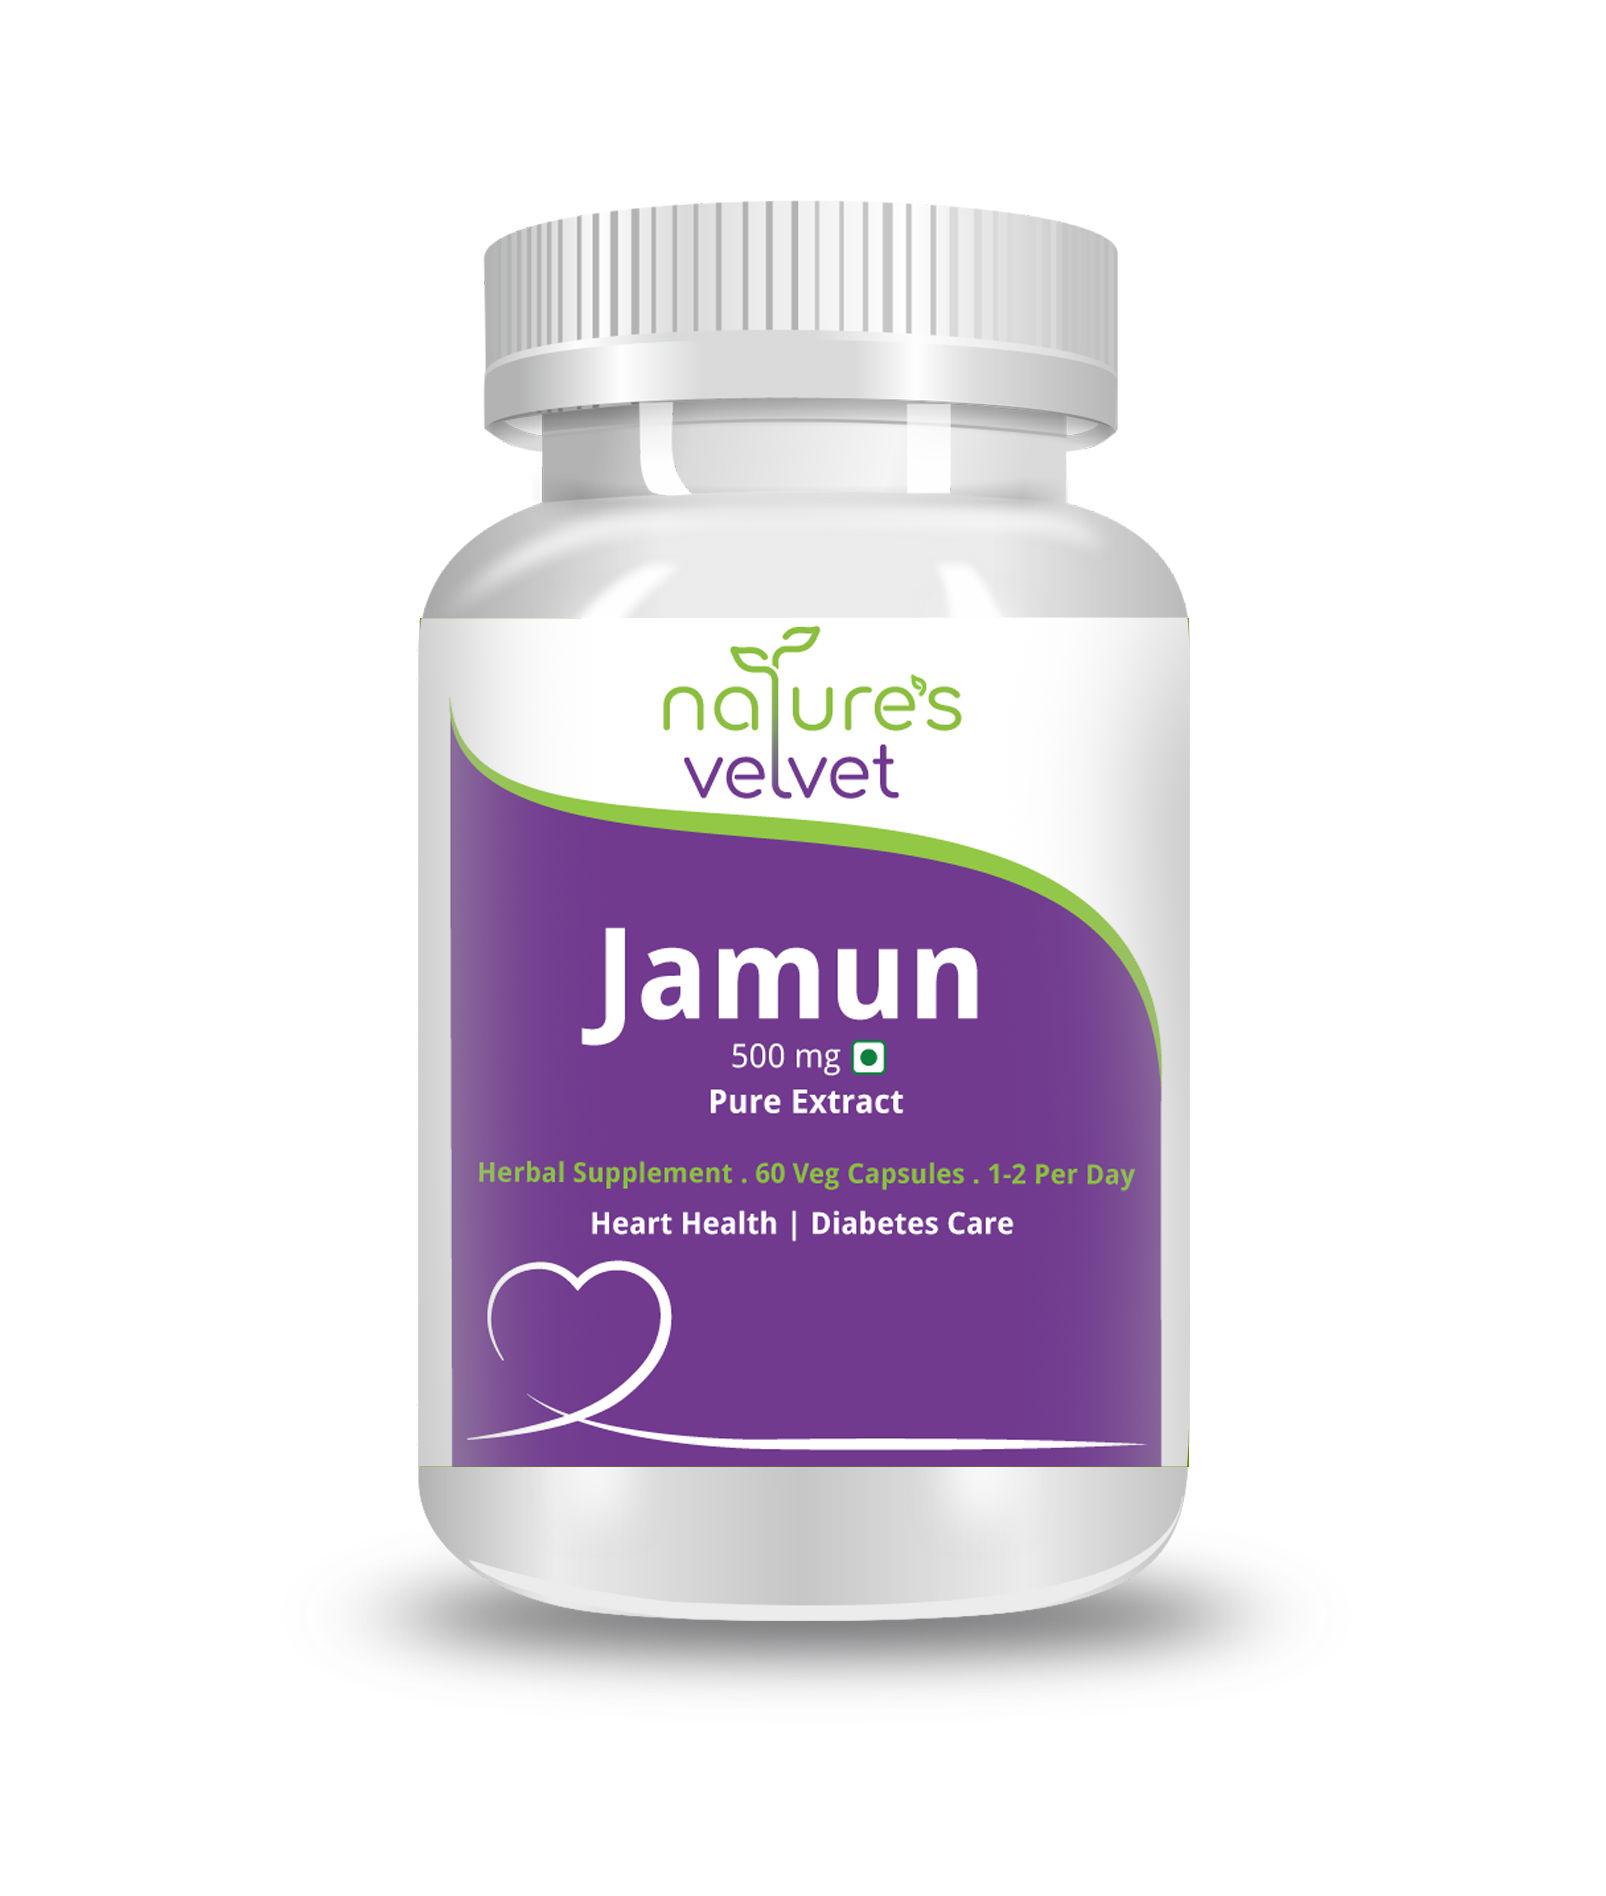 Nature's Velvet Jamun Pure Extract 500mg 60 Veg Capsules